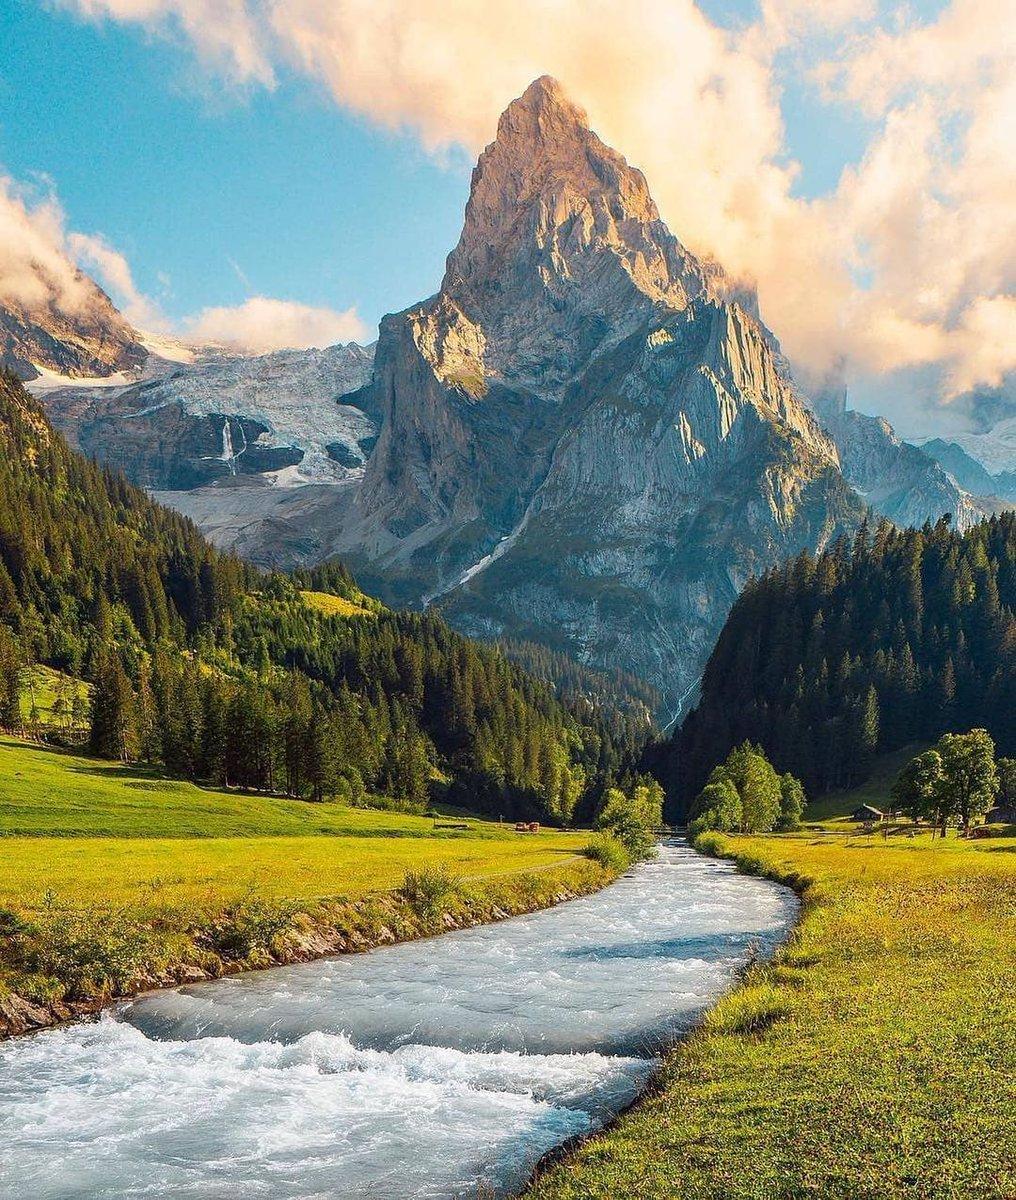 The best chocolate and the best mountain adventures🇨🇭 Switzerland is amazing 😍 Photo by @ananya.ray #MondayMorning #MondayMood #MondayBlogs #MondayWisdom #Mondayvibes #inspiration #MotivationalQuotes #MotivationMonday #StudentsKoInsafDo #nature #NaturePhotography